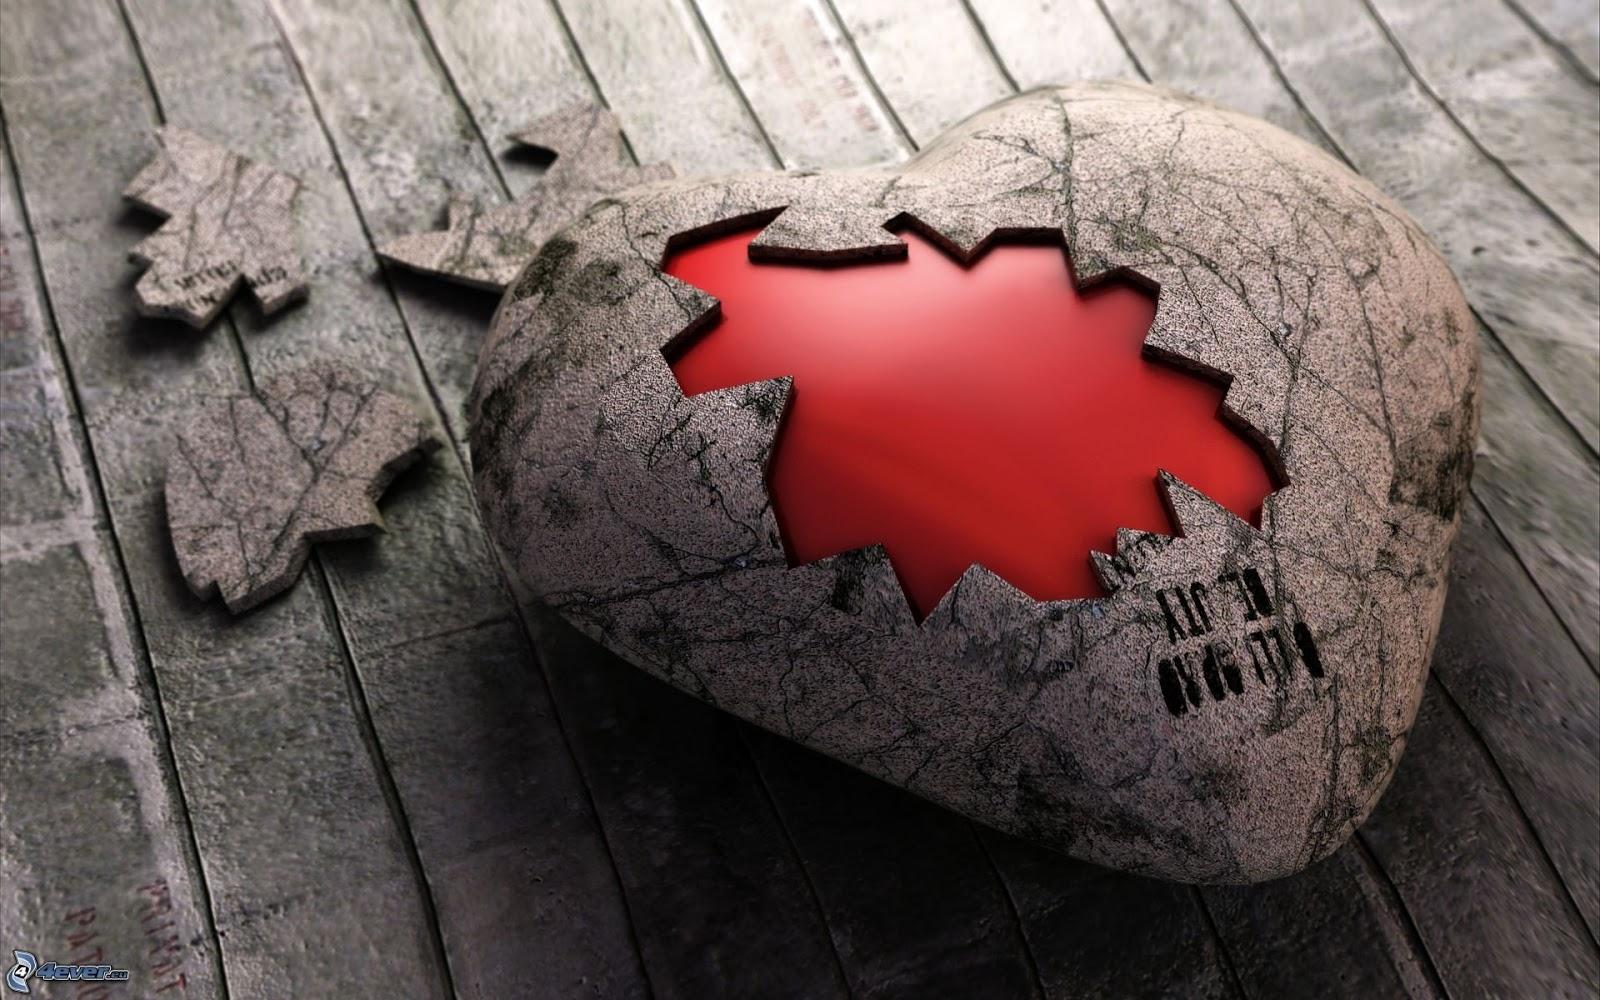 Las Imagenes de Amor: Foto de un corazón roto Facebook